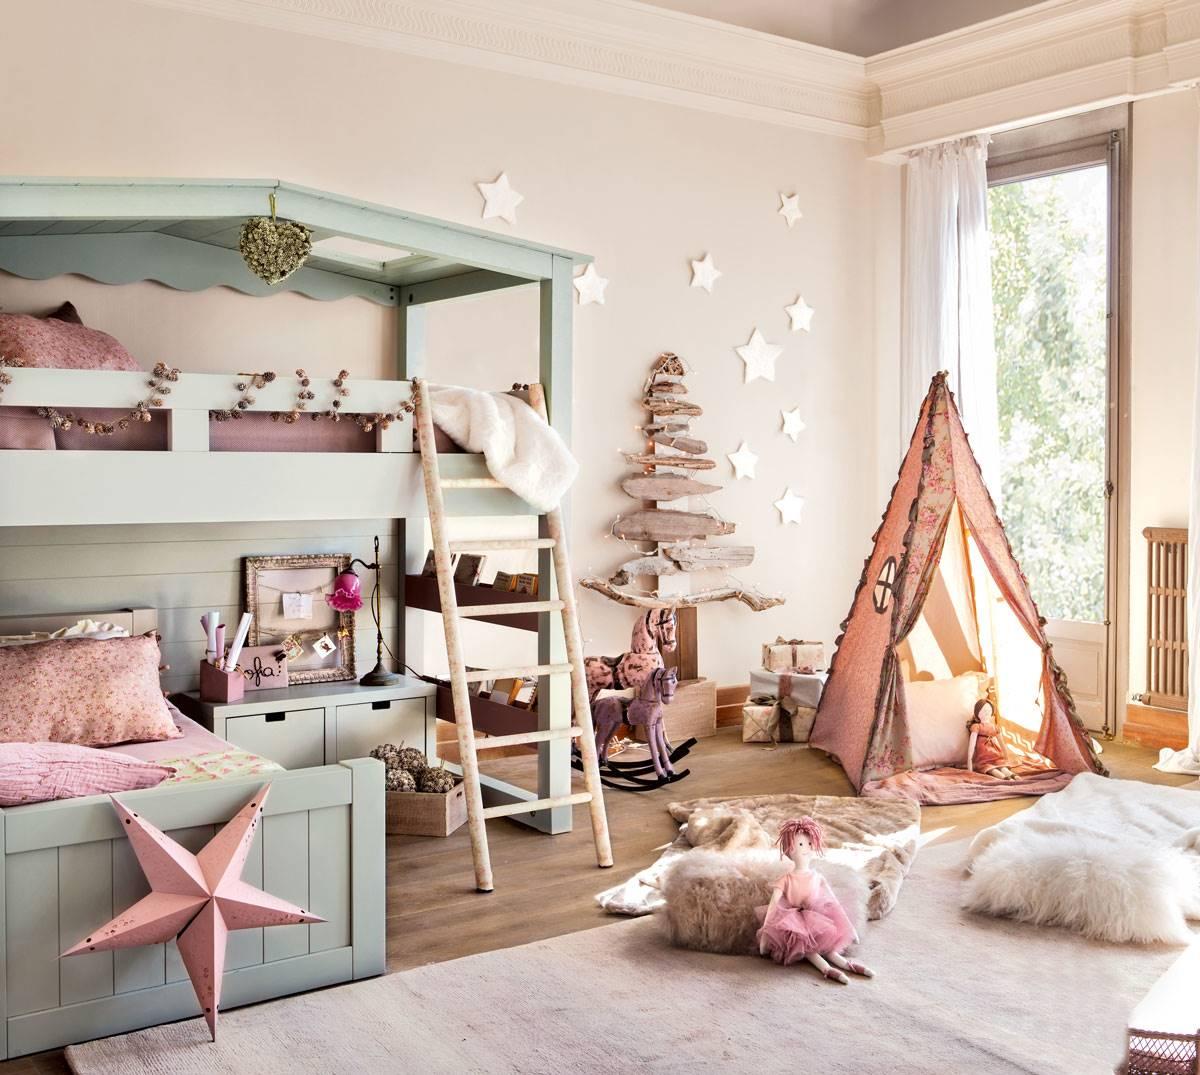 arbol-de-navidad-de-troncos-en-pared-de-habitación-infantil 374213